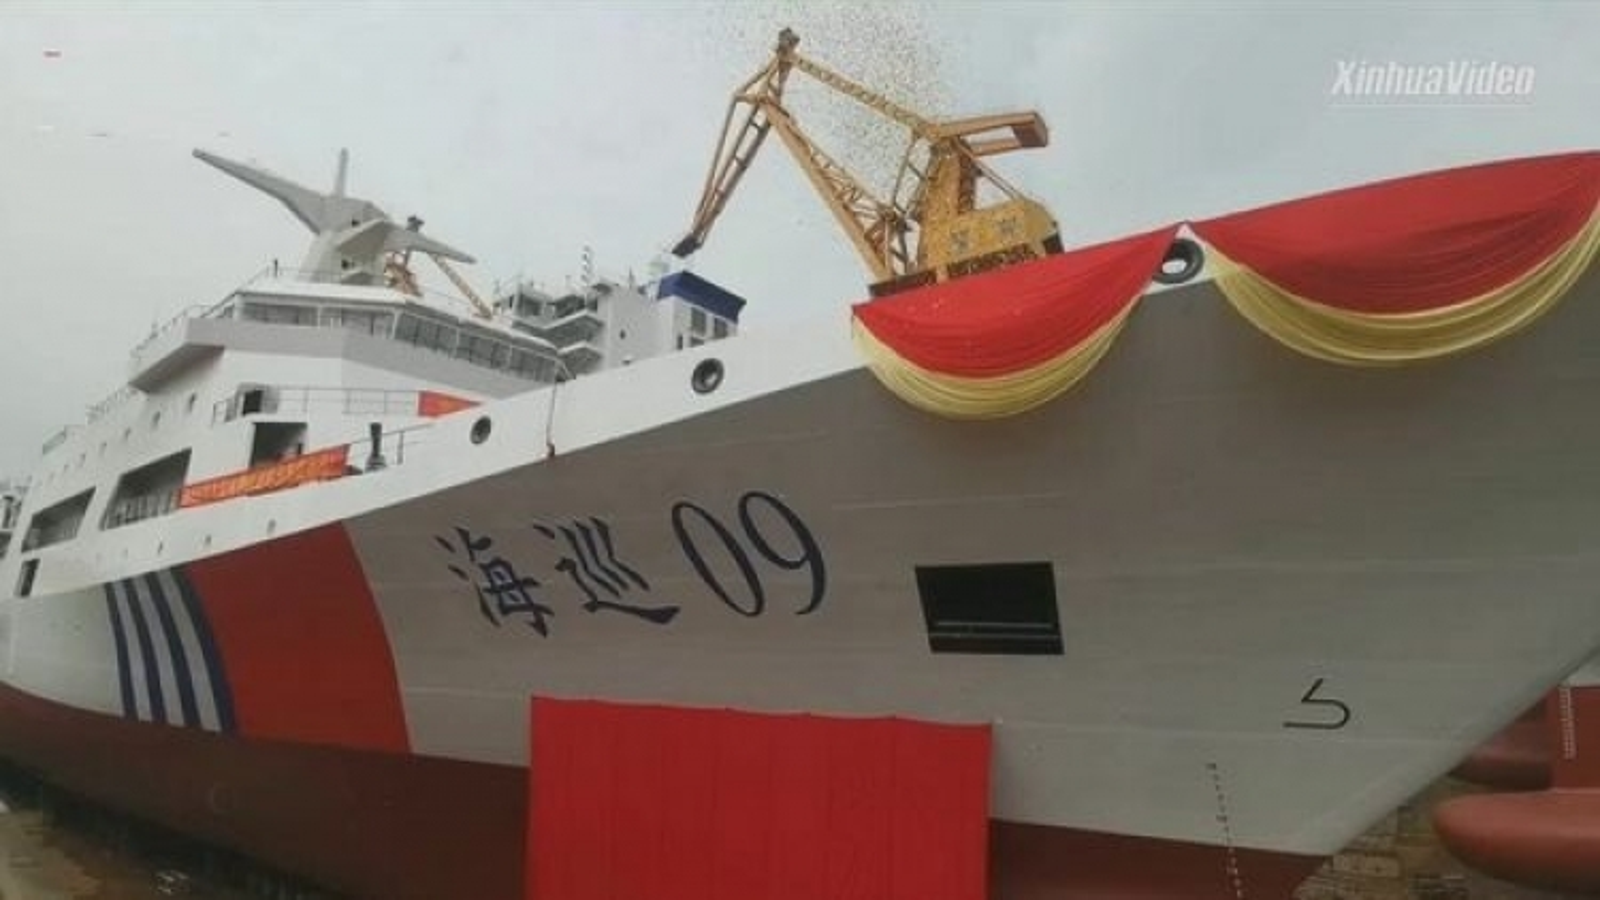 Trung Quốc đưa tàu tuần dương tự sản xuất lớn nhất vào hoạt động trong năm 2021